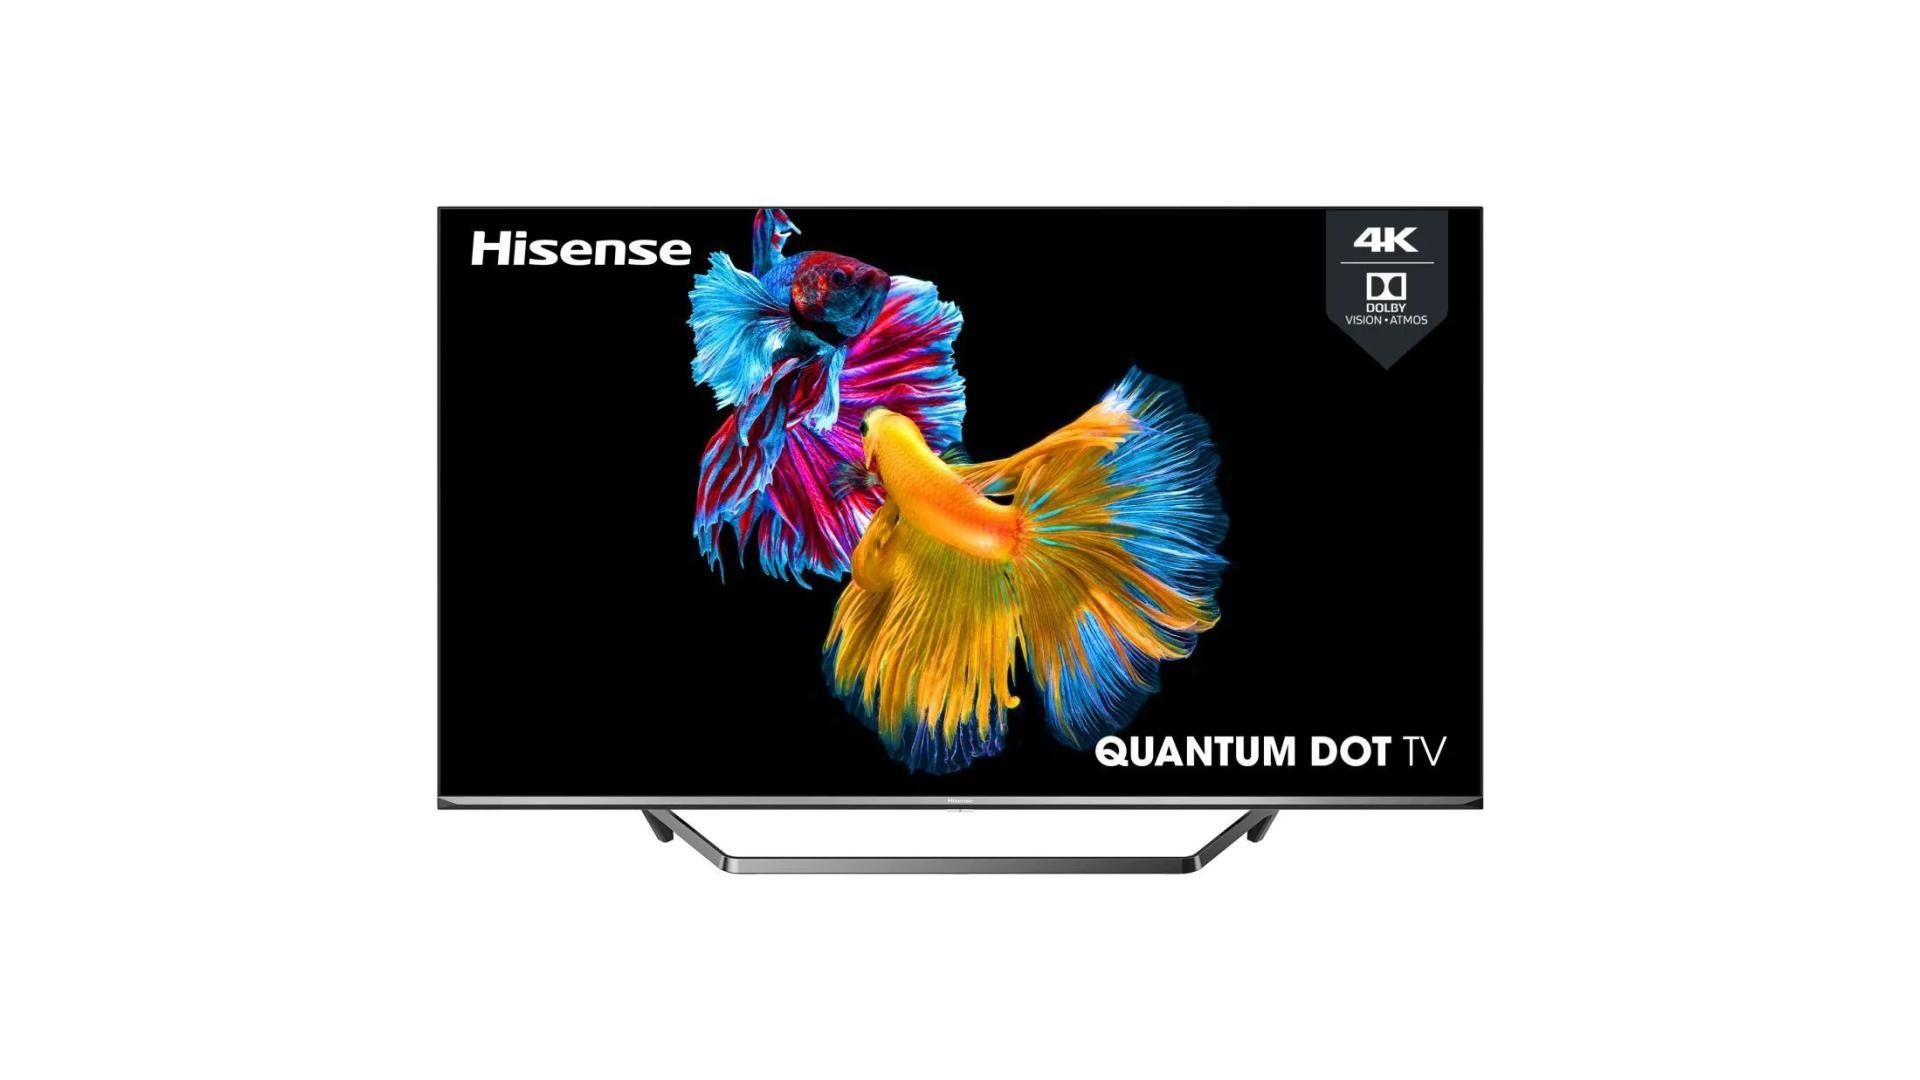 Ce TV 50″, QLED, 4K, HDR 10+, Dolby Vision et Smart TV tombe sous les 500 €